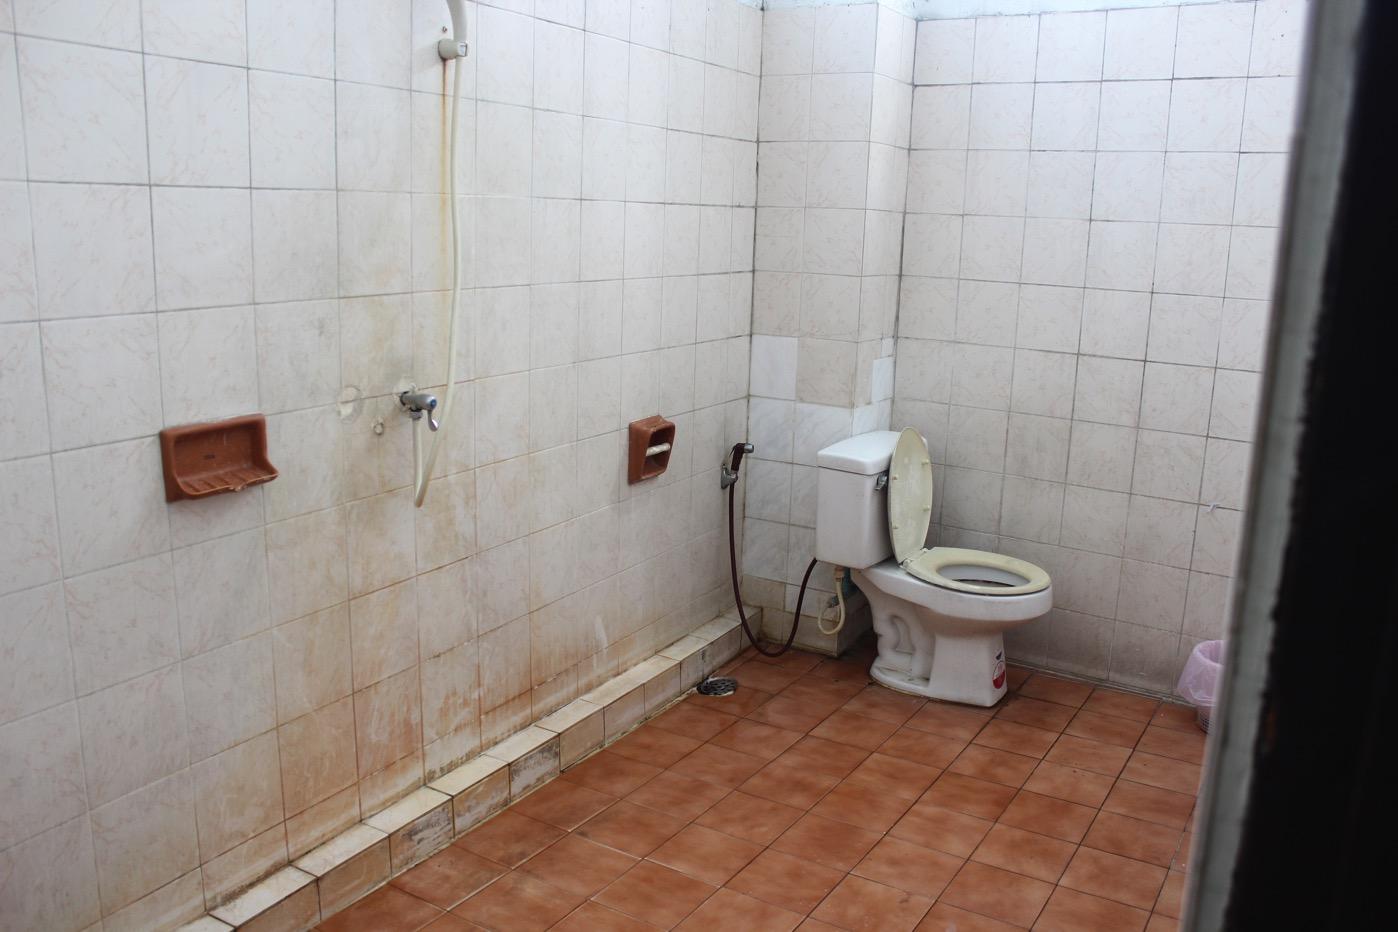 だたっぴろいトイレ兼シャワールーム。ここなら20人くらいまとめて練炭で……